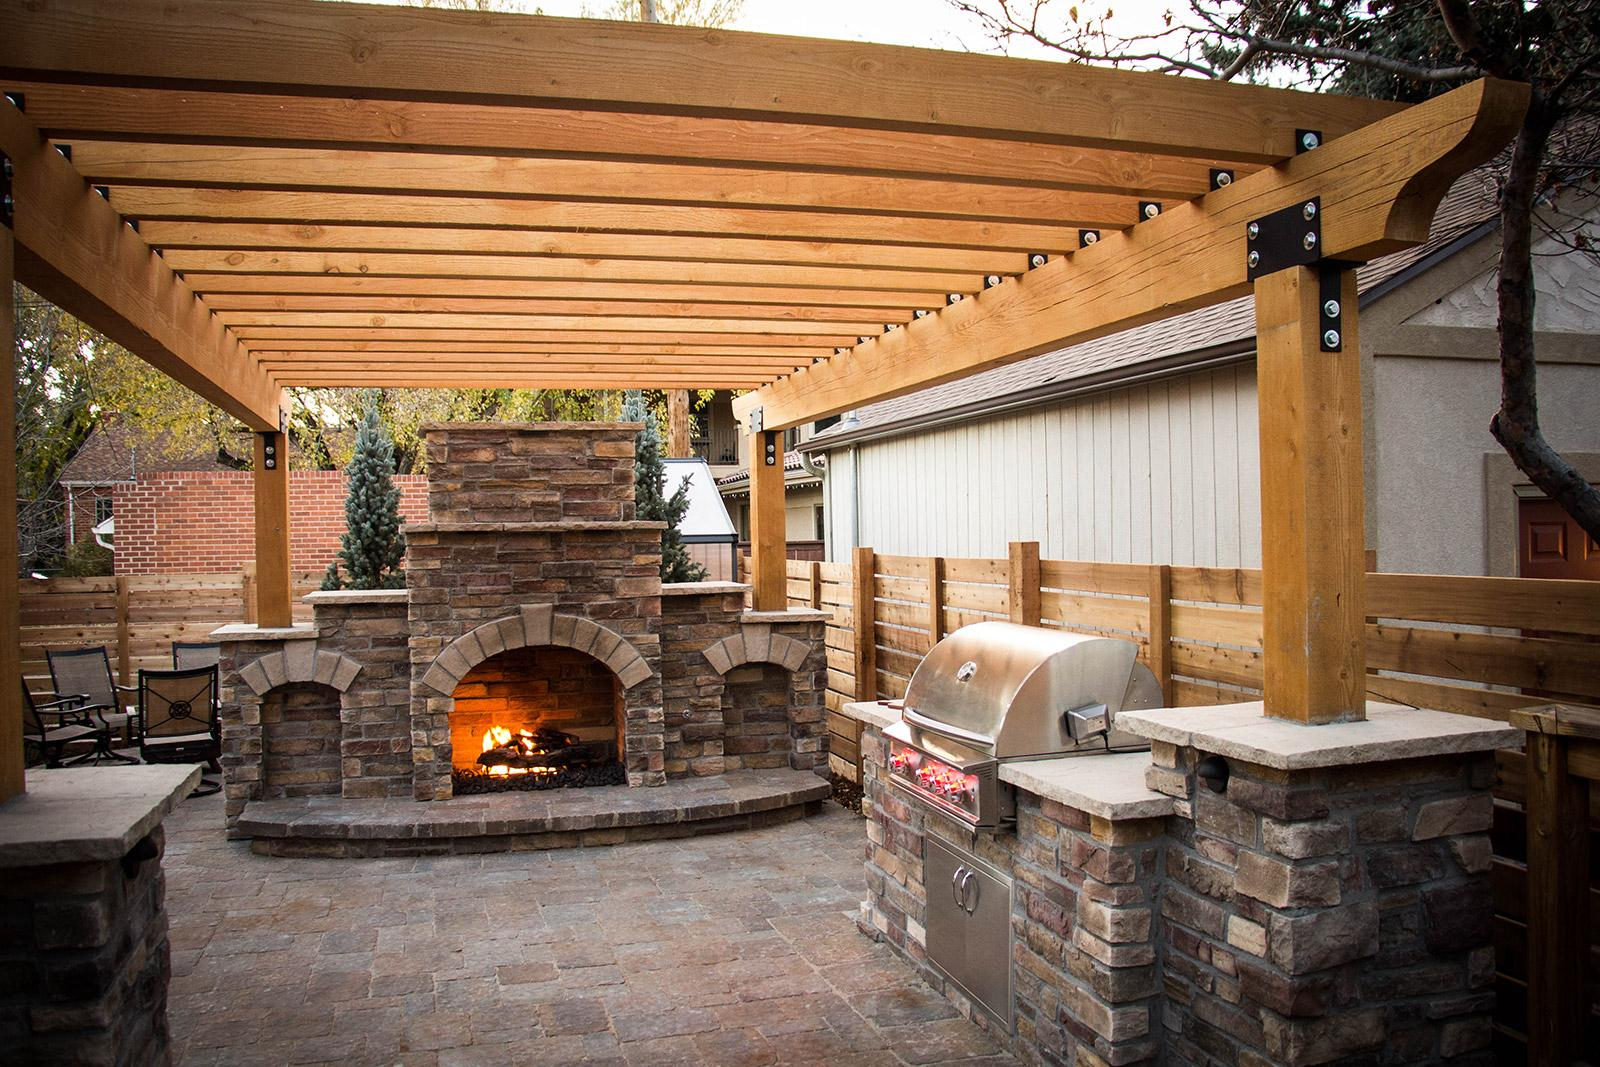 Fire Features Portfolio - Elite Landscape & Outdoor Living ... on Elite Landscape And Outdoor Living id=89211